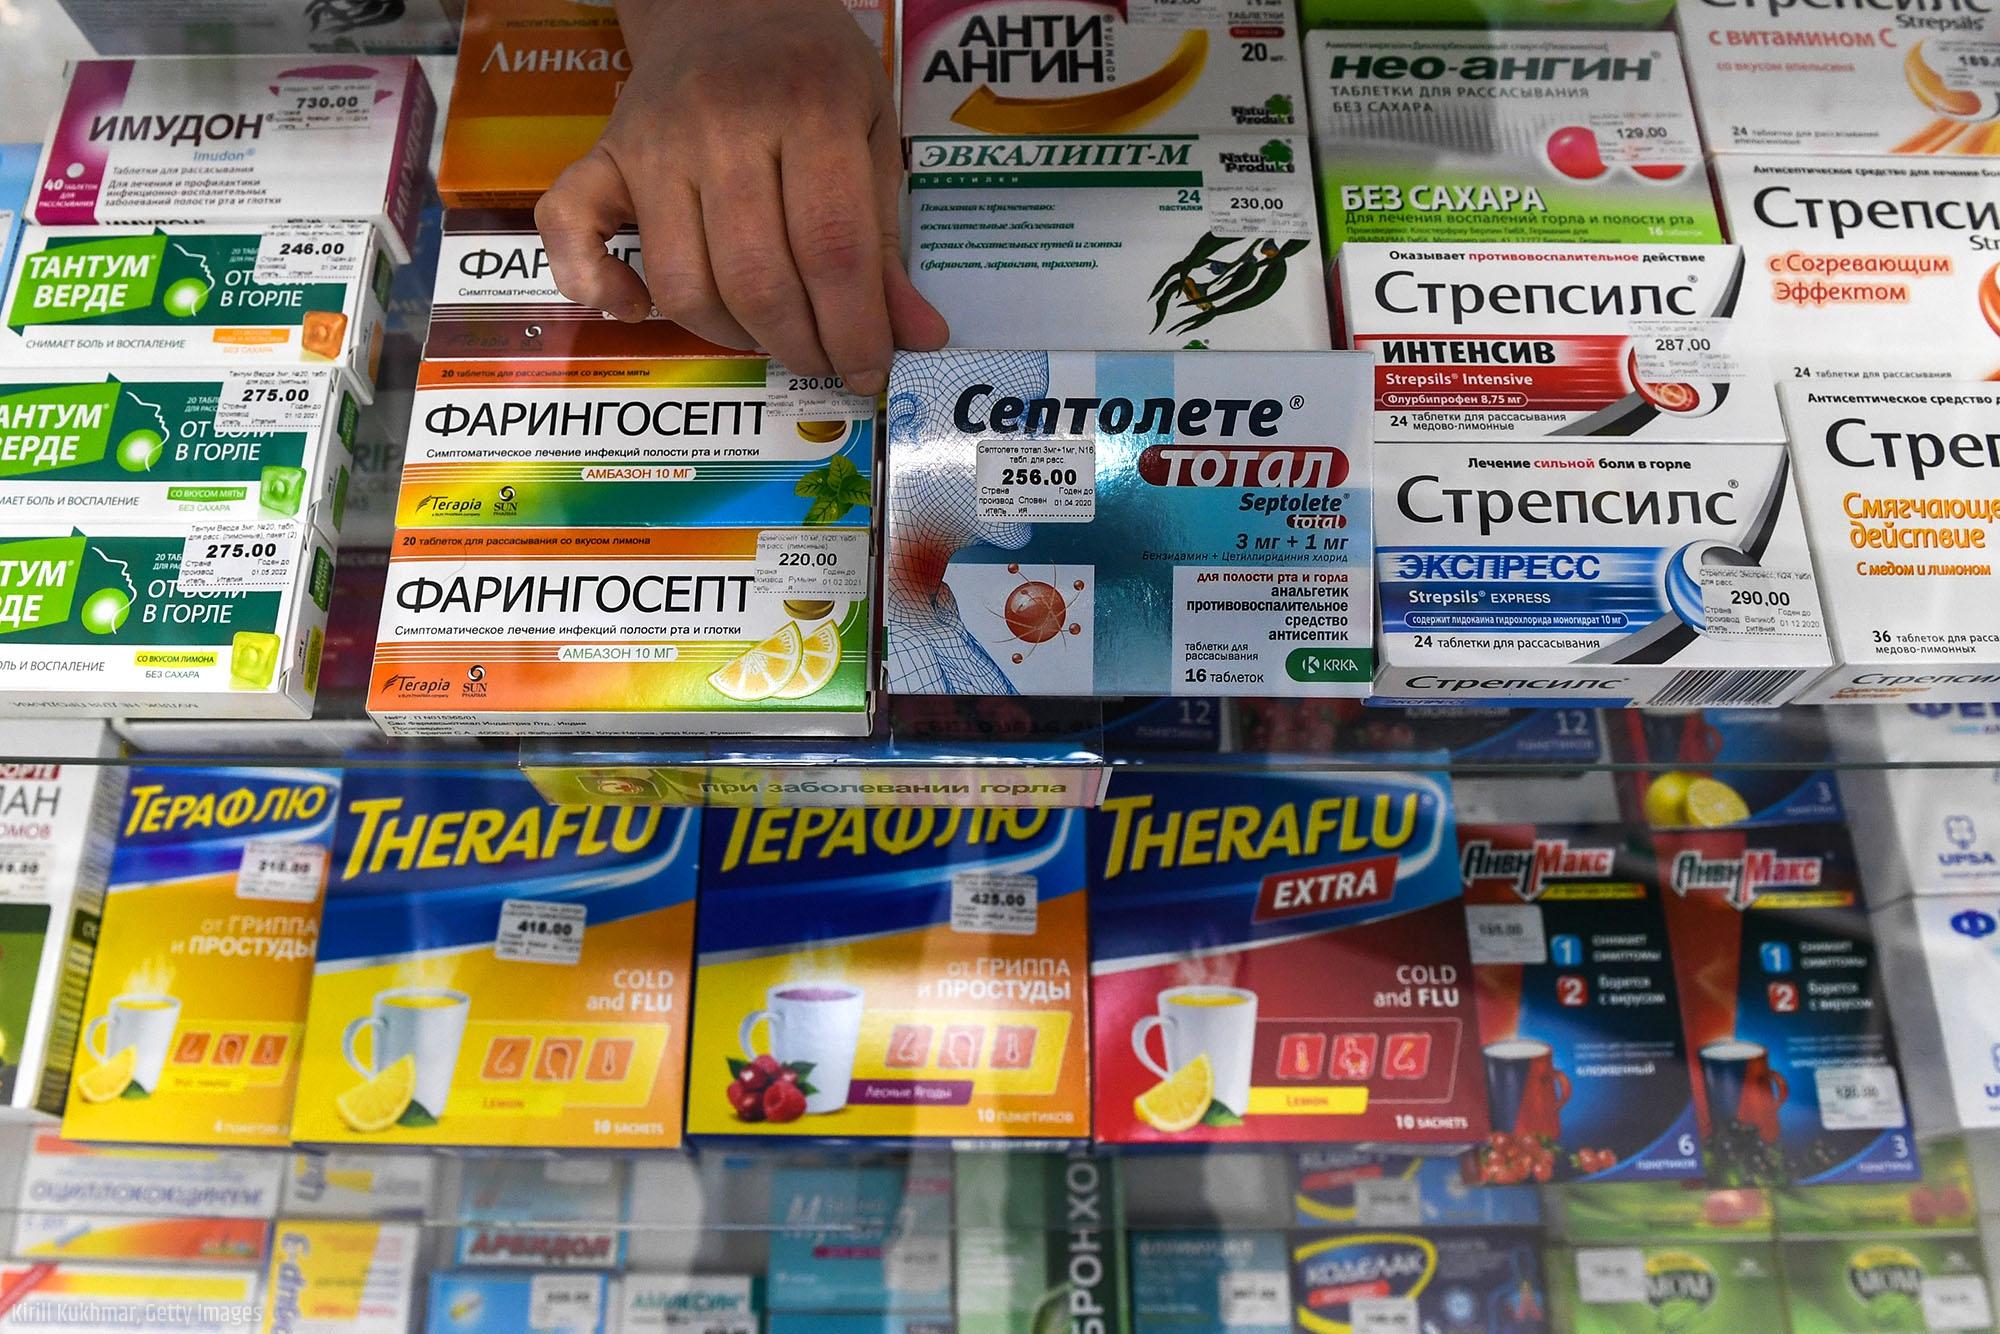 közös gyógyszer visszahívása